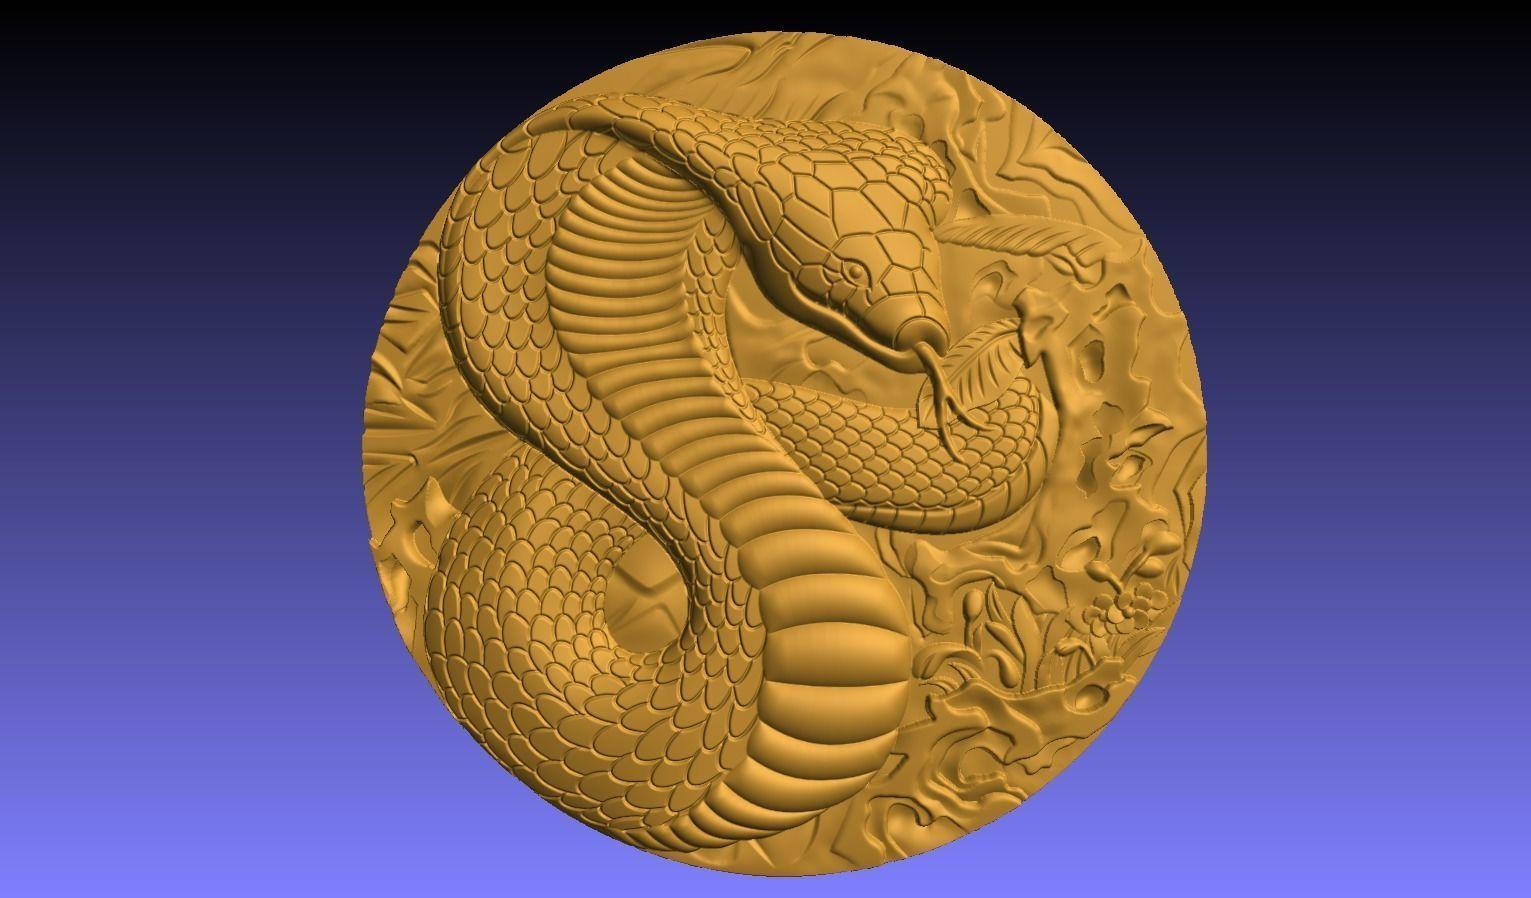 Snake coin